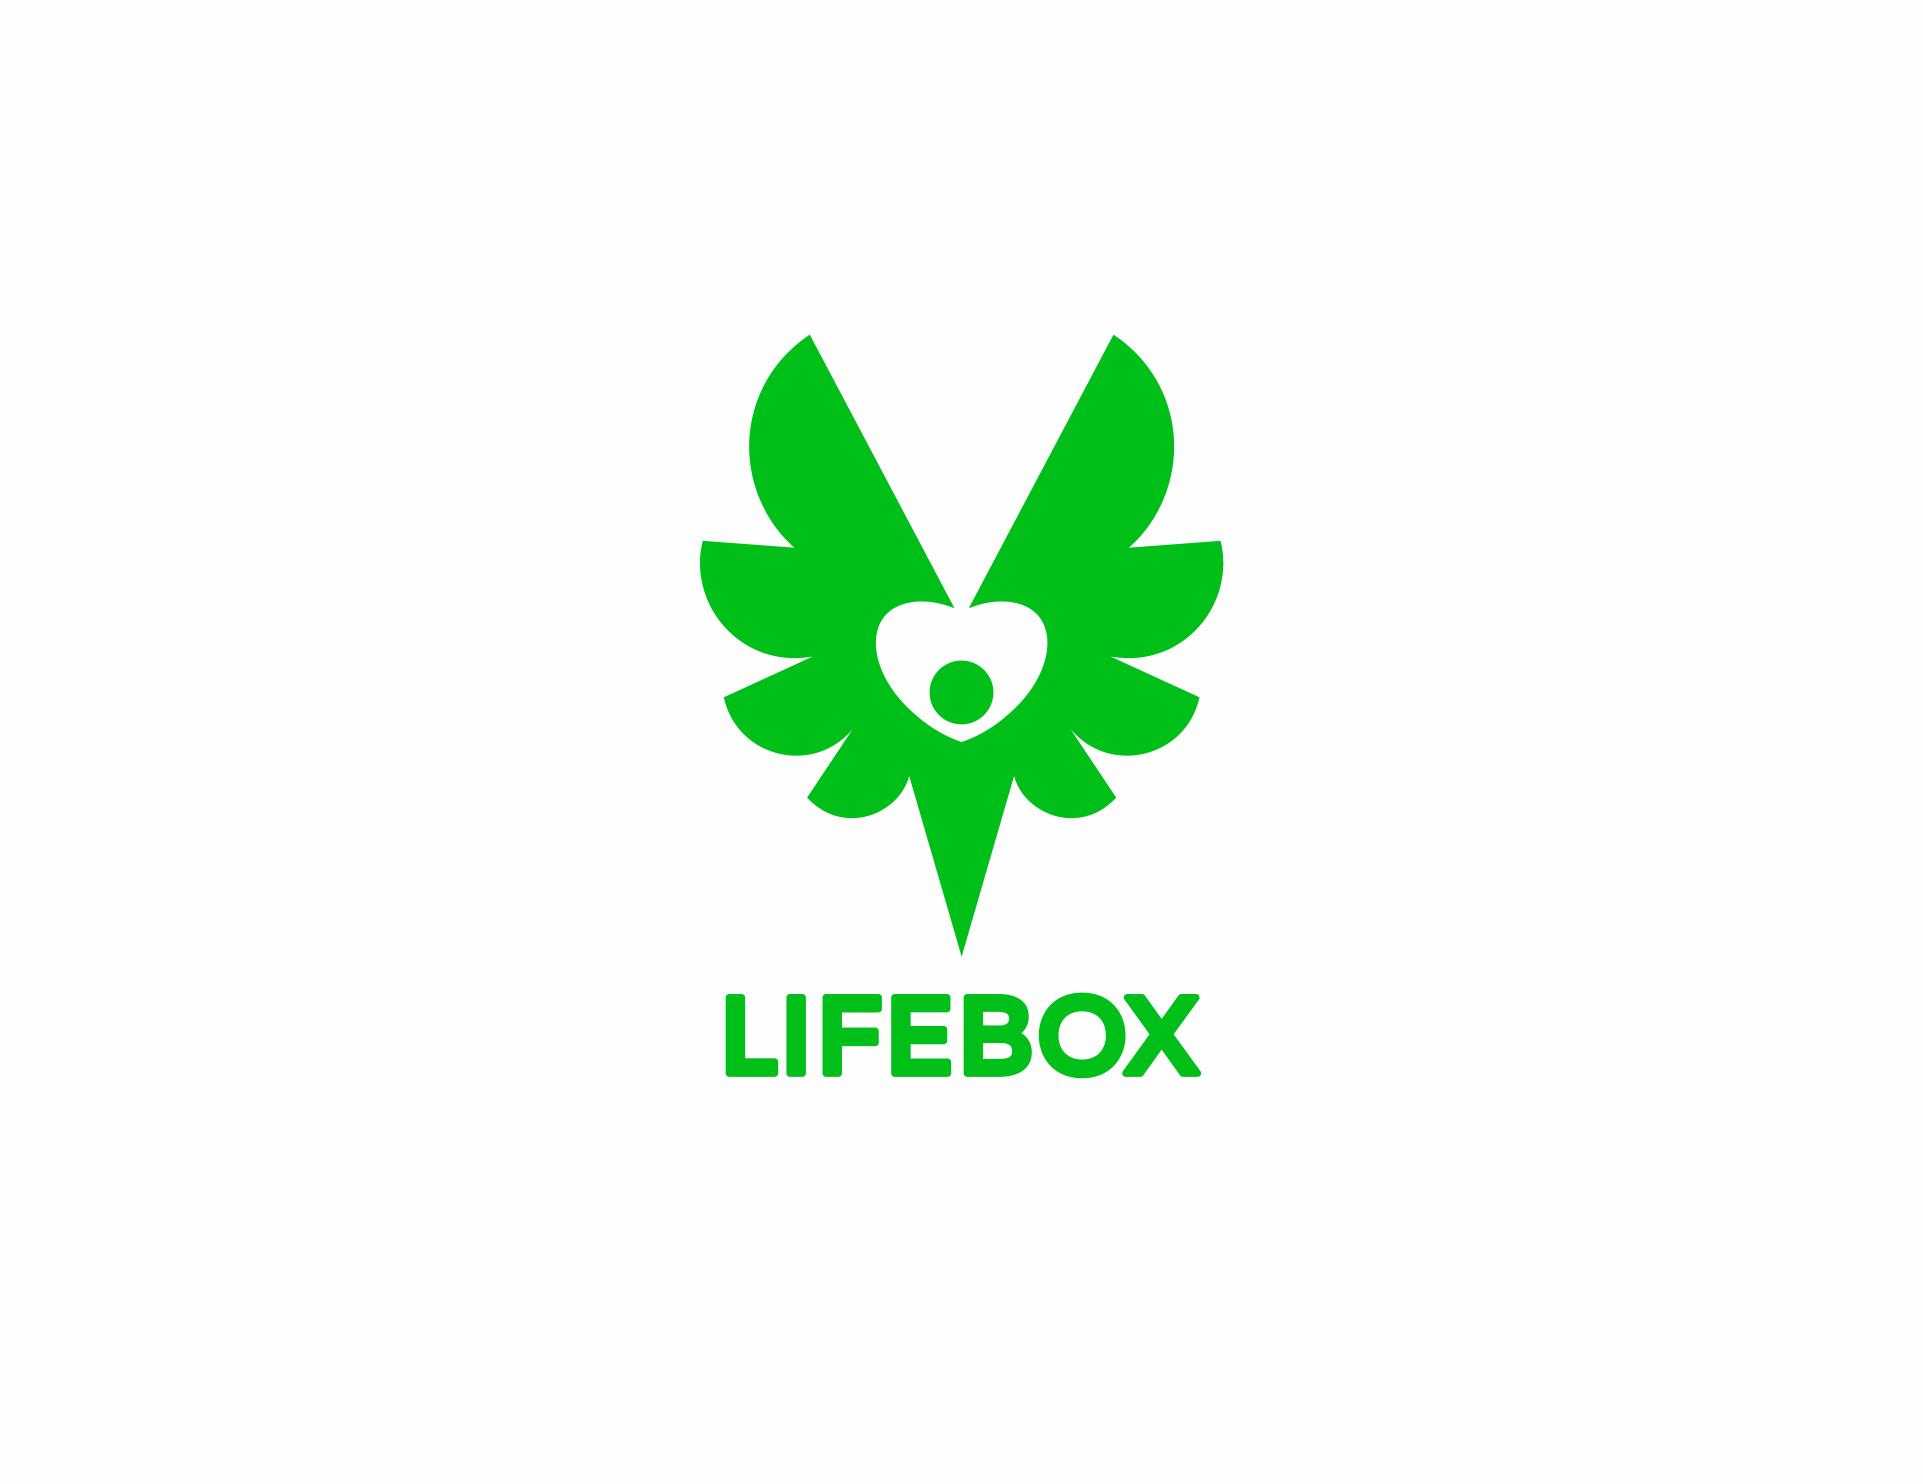 Разработка Логотипа. Победитель получит расширеный заказ  фото f_9735c32ccb59f1fb.png